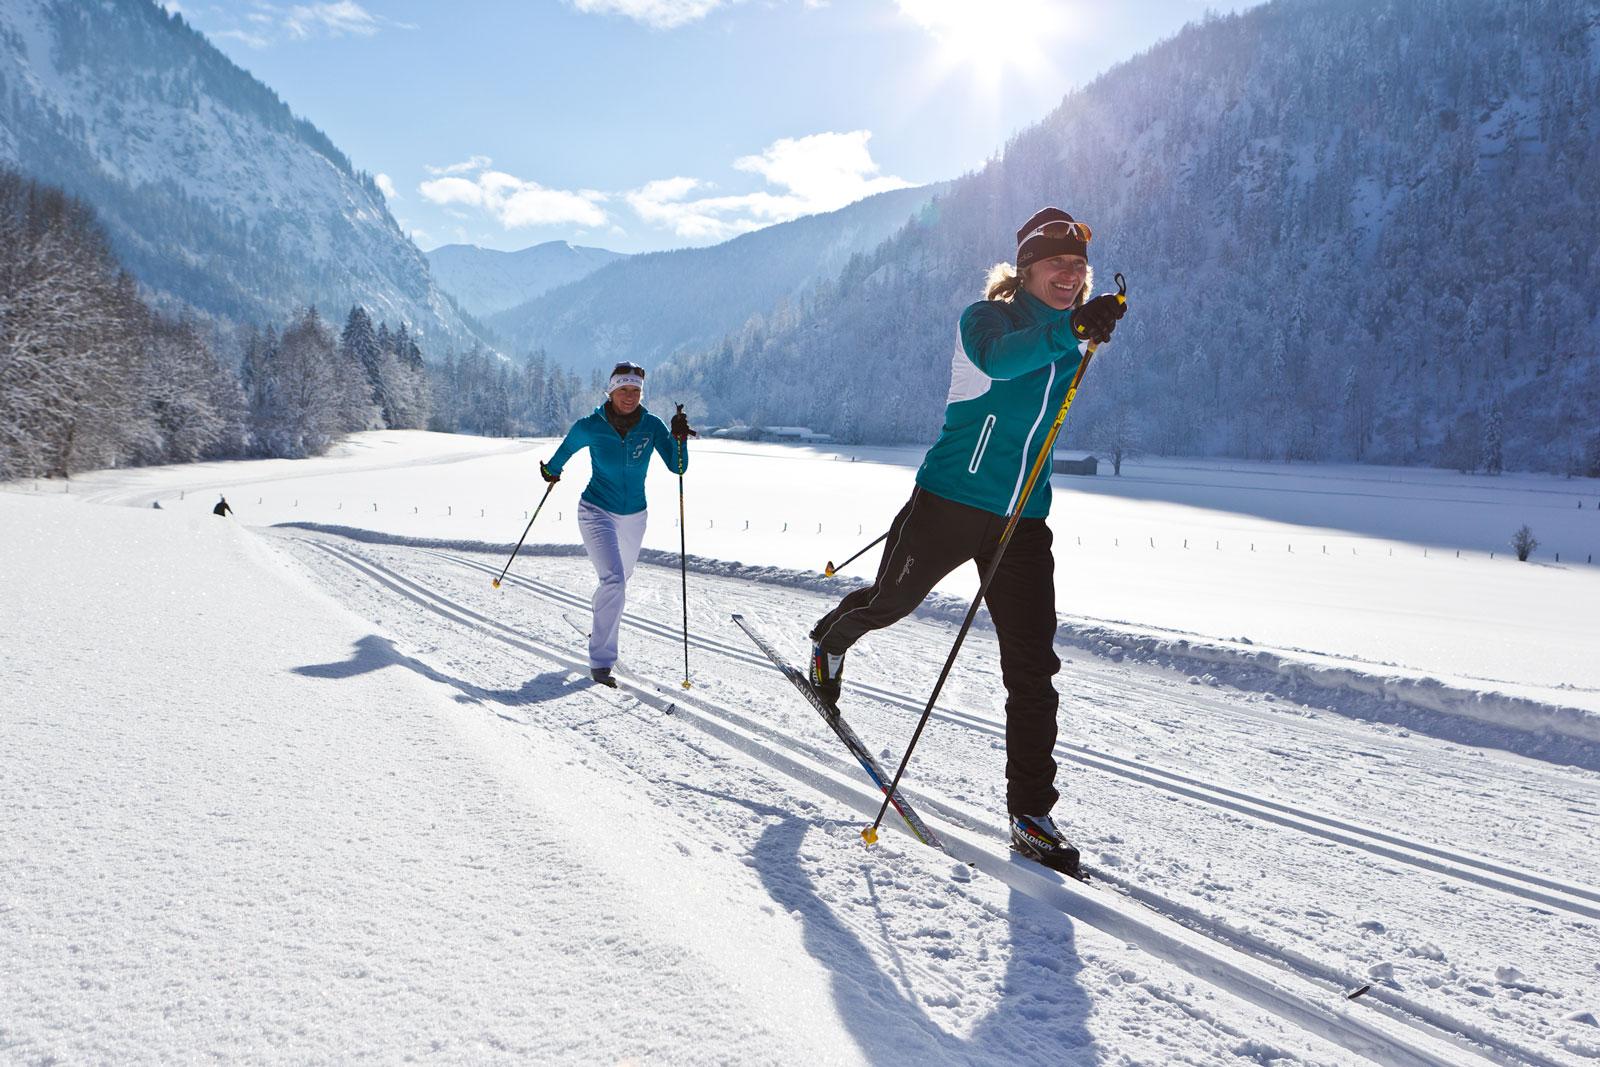 Bayrischzell_Langlaufen_Winter_Sport__C__Alpenregion_Tegernsee_Schliersee__2_.jpg